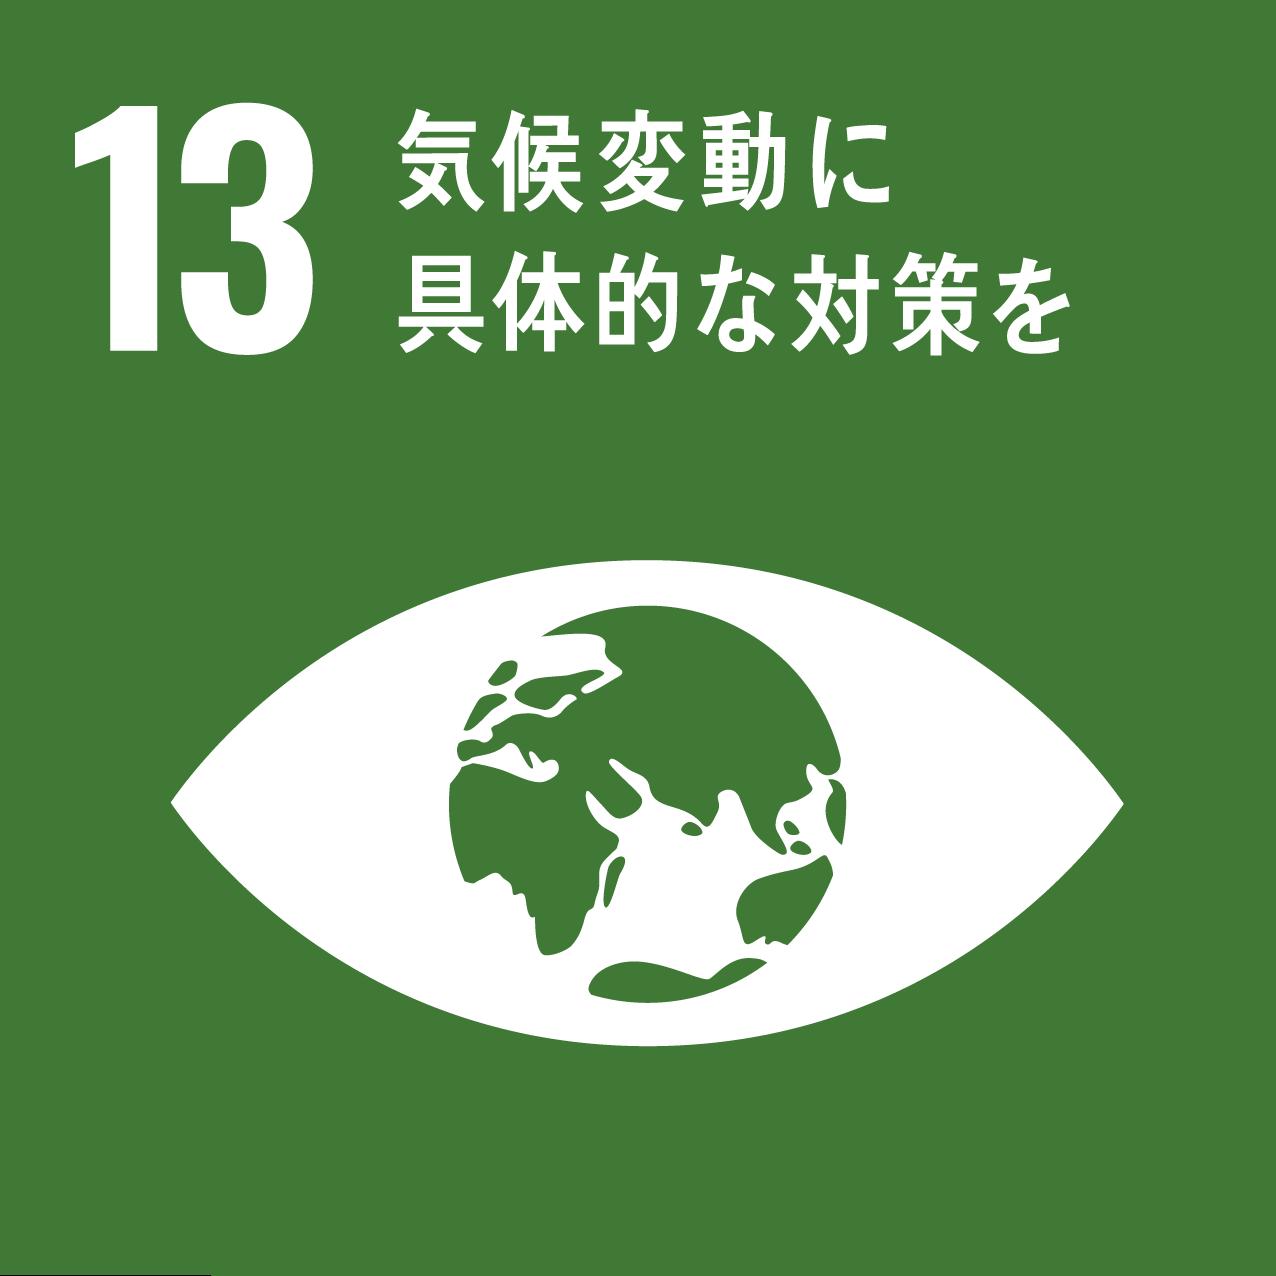 SDGs_13.png